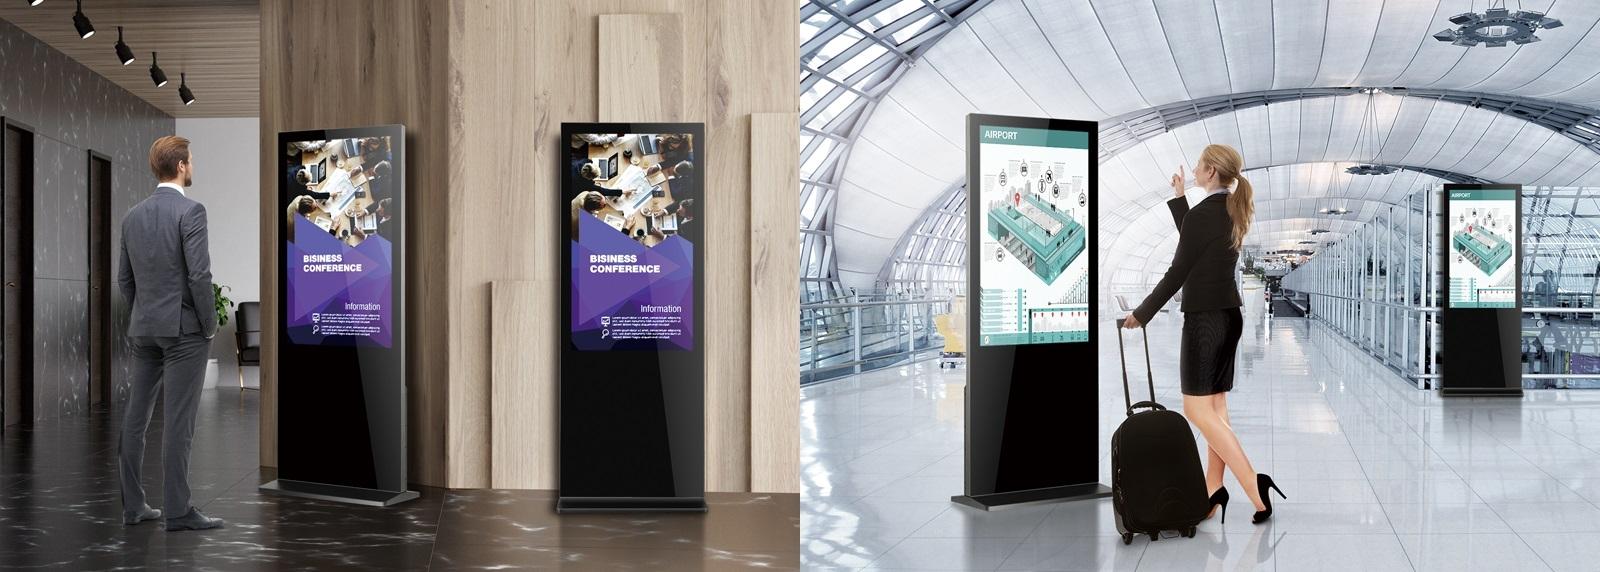 LFD display verticale a totem in doppia configurazione